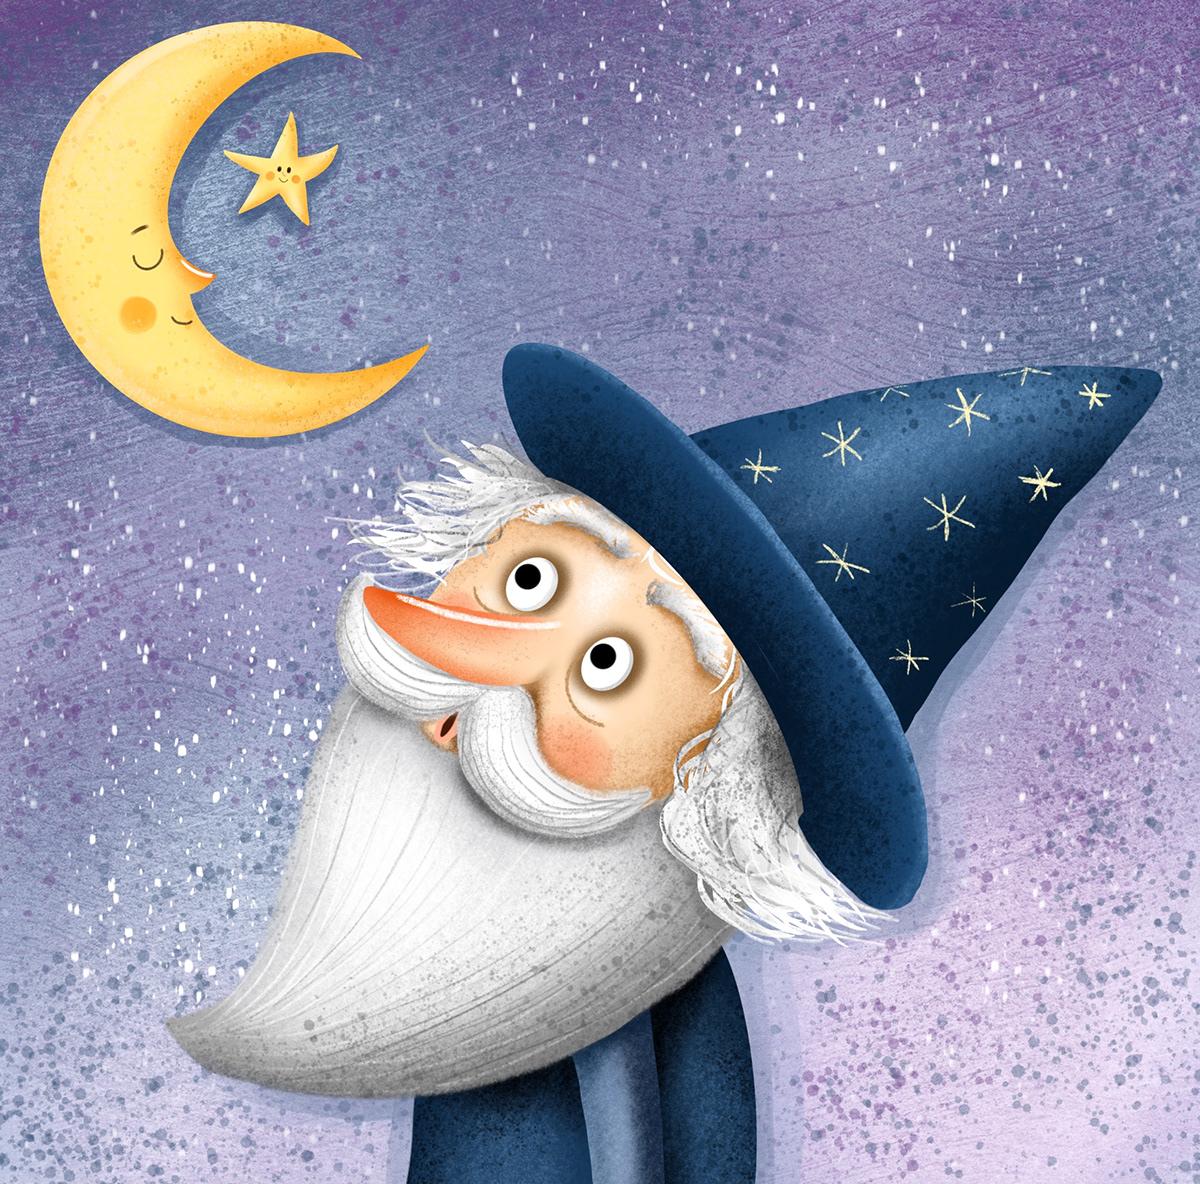 čaroděj Character children childrensbook Childrensillustration cute dětská ilustrace kids sluníčko wizard